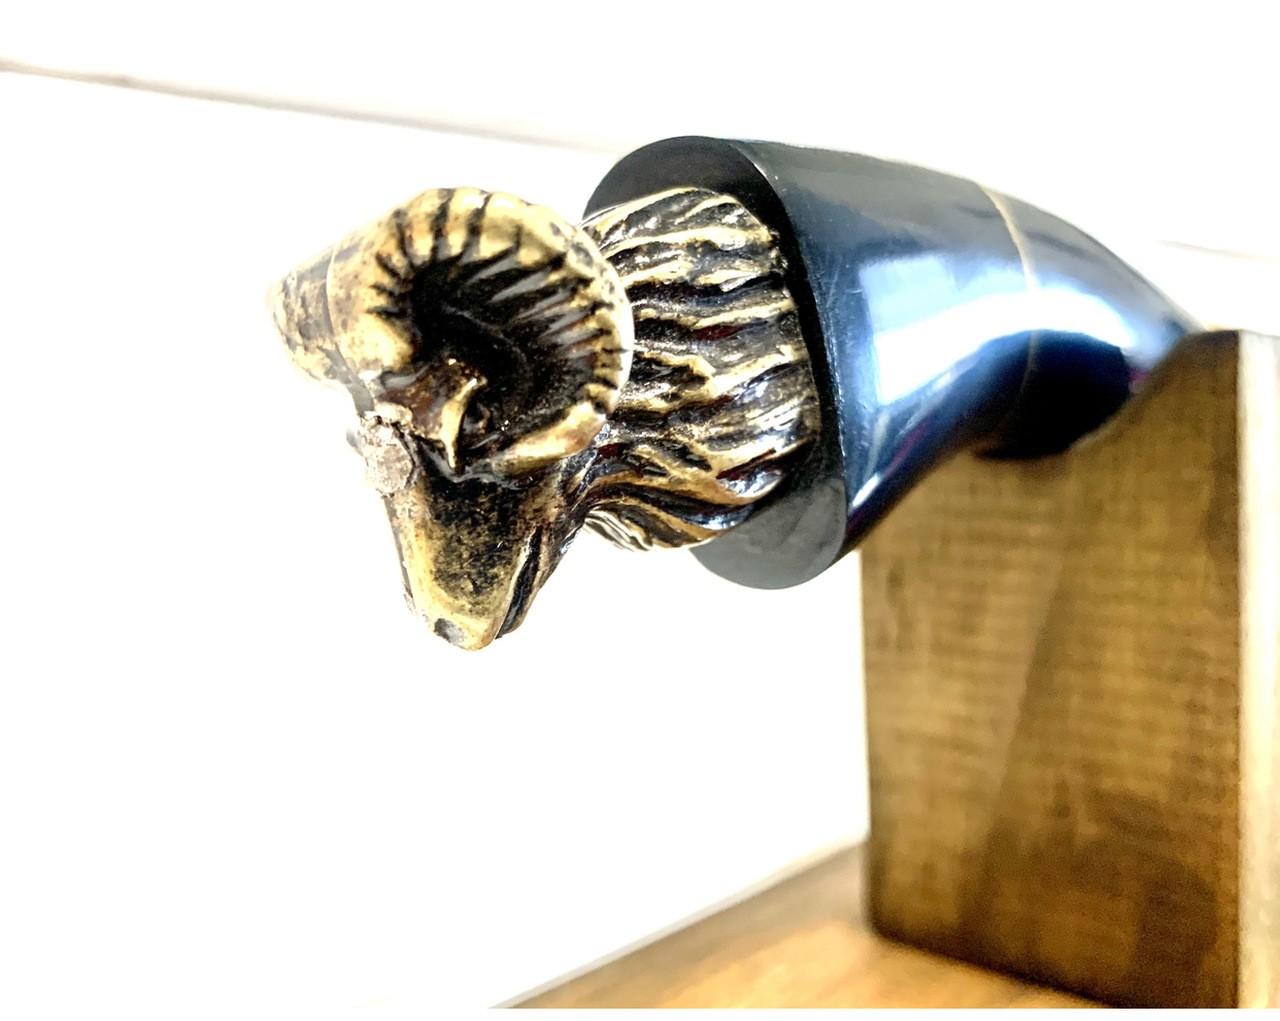 """Faca Bode 12"""" Polegadas em Aço inox 420 - Cabo chifre de búfalo + Bainha de Couro + Estojo em madeira"""